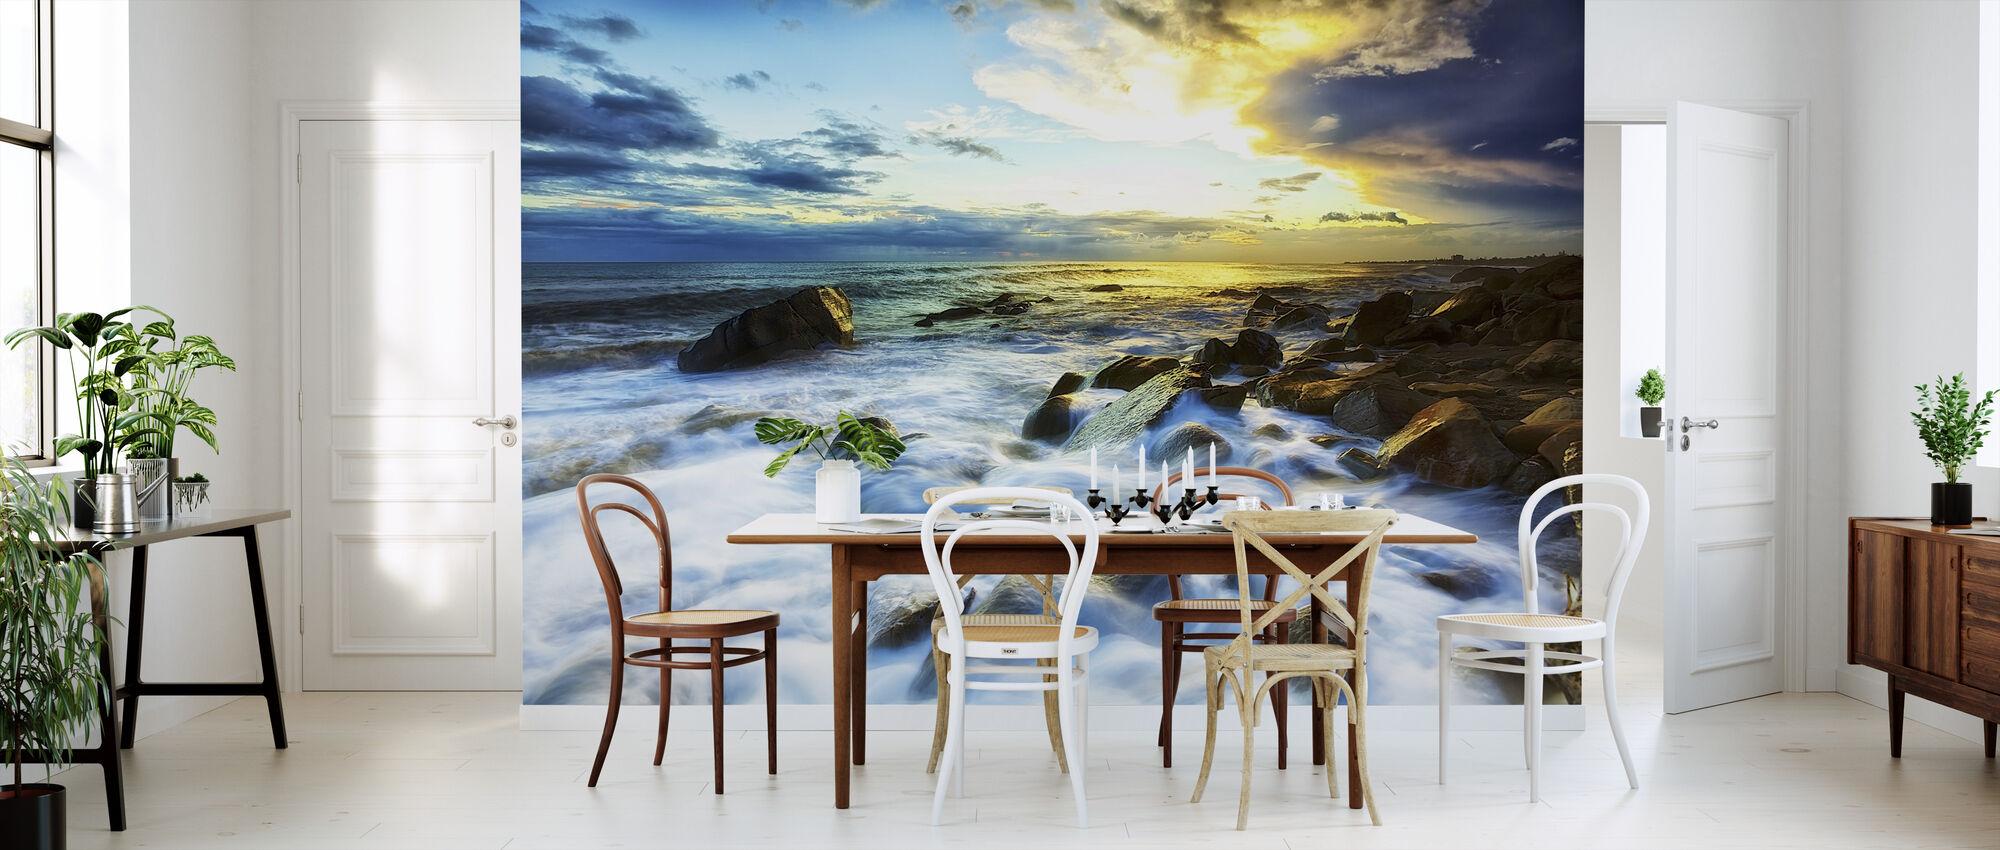 Waves Crashing - Wallpaper - Kitchen